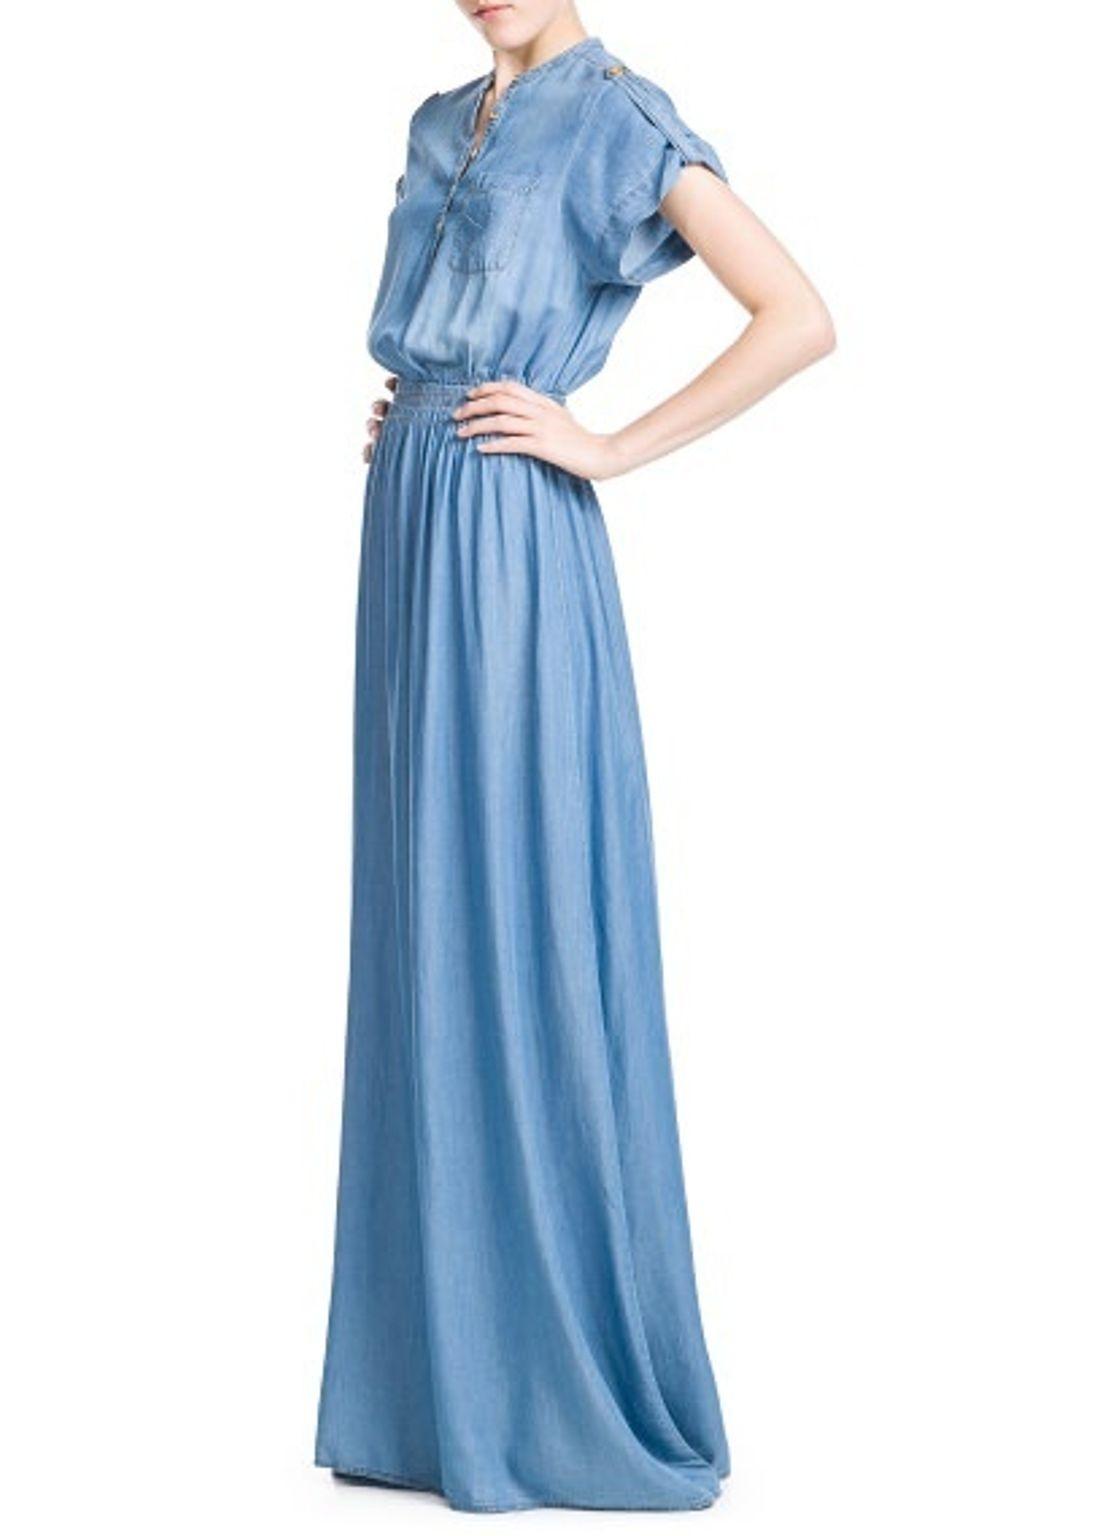 17 Erstaunlich Jeans Kleid Maxi Spezialgebiet17 Schön Jeans Kleid Maxi Ärmel